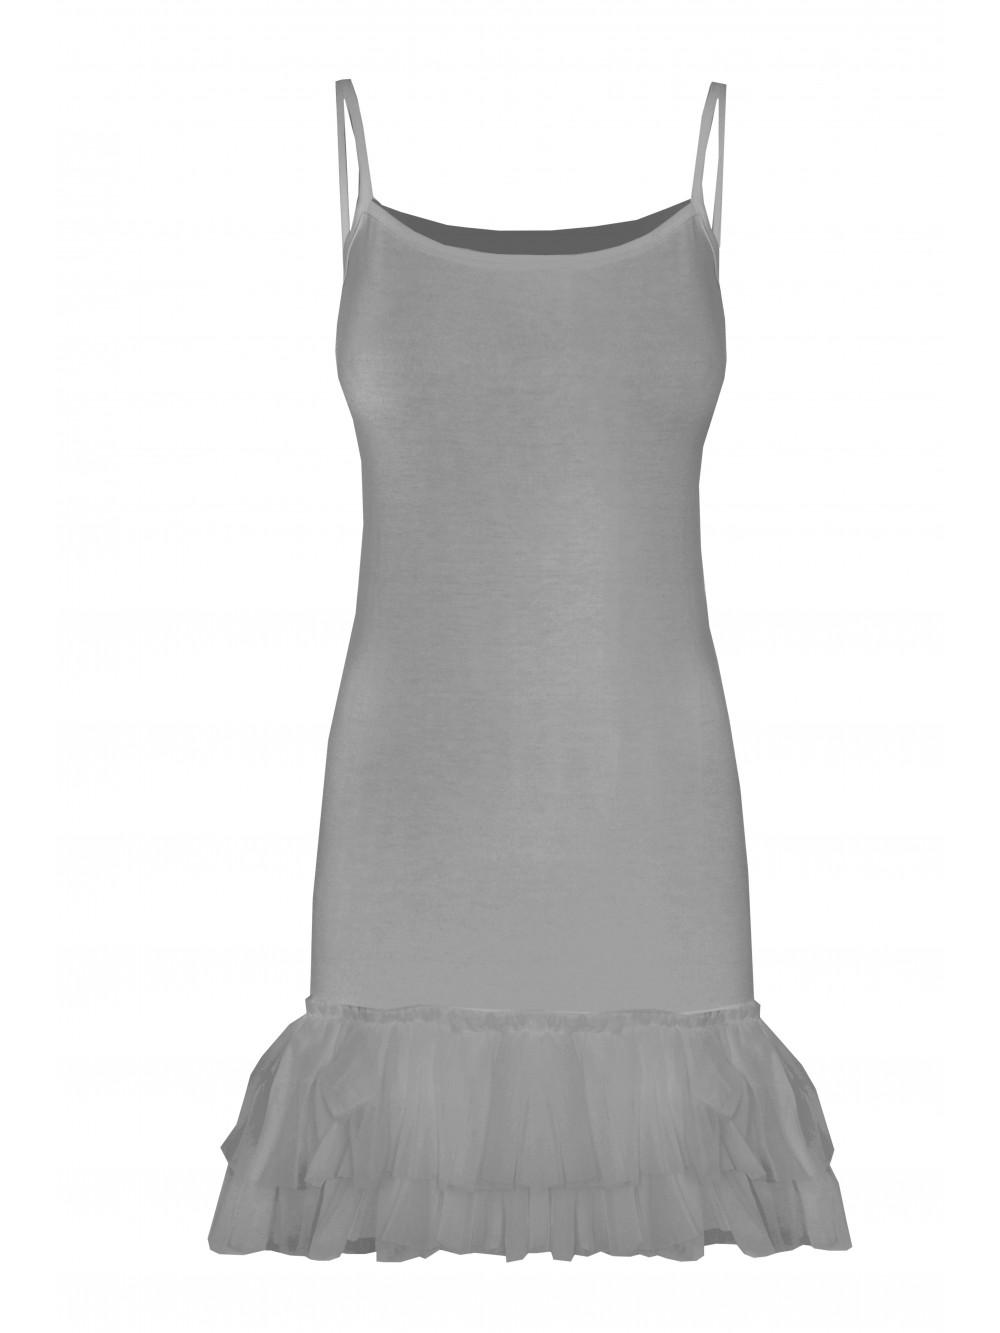 c6340b16 Halka z tiulu - top na ramiączkach - sklep z odzieżą BySisi